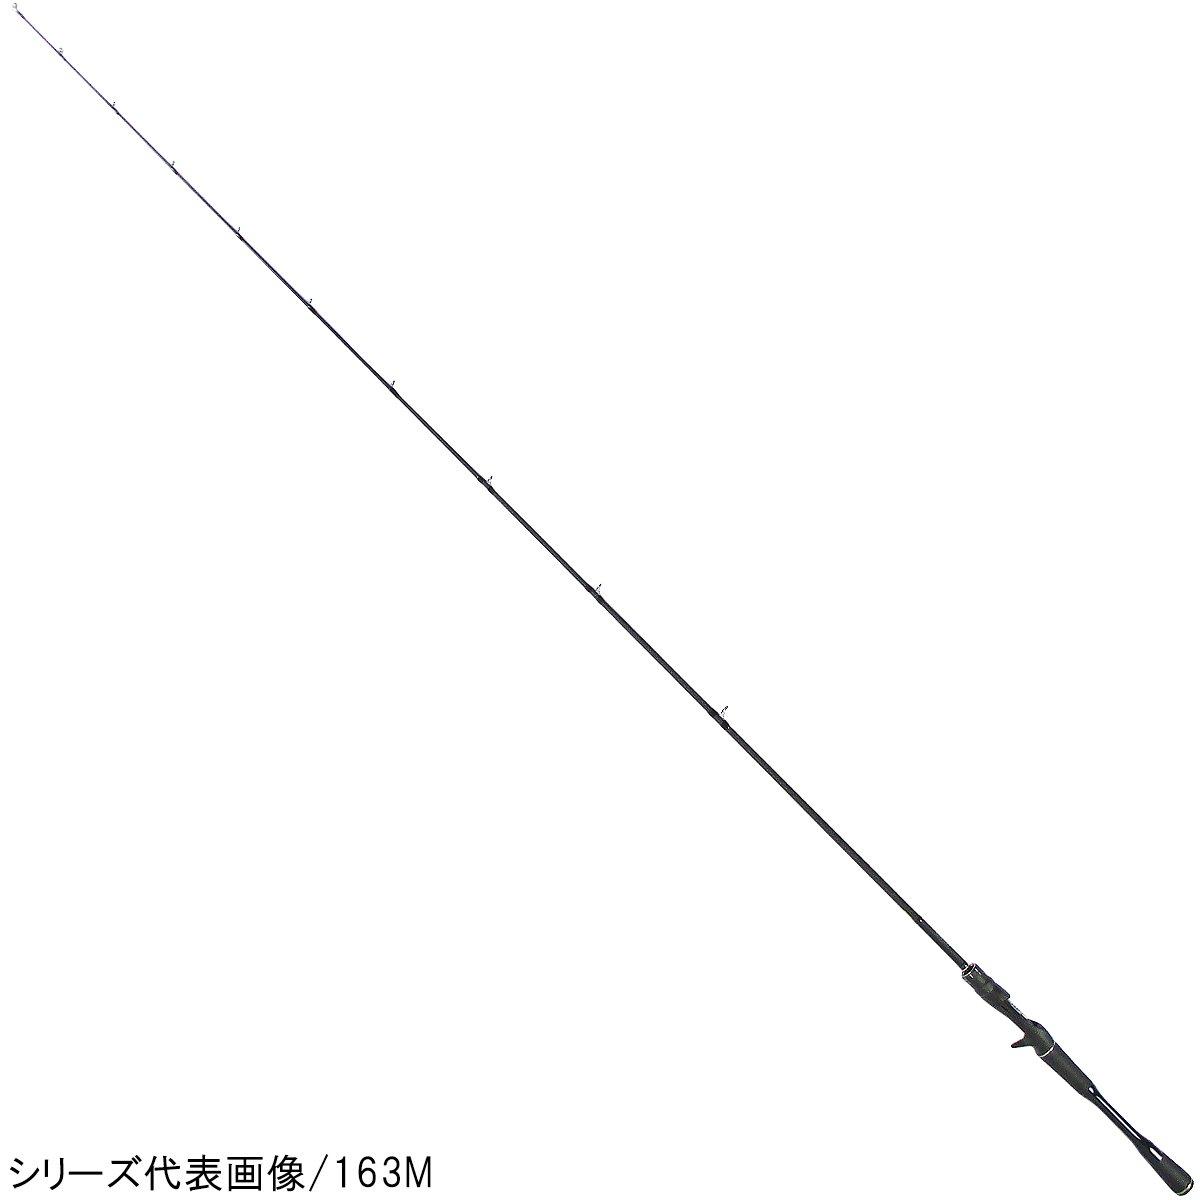 シマノ ポイズンアドレナ(ベイト) 163ML【大型商品】